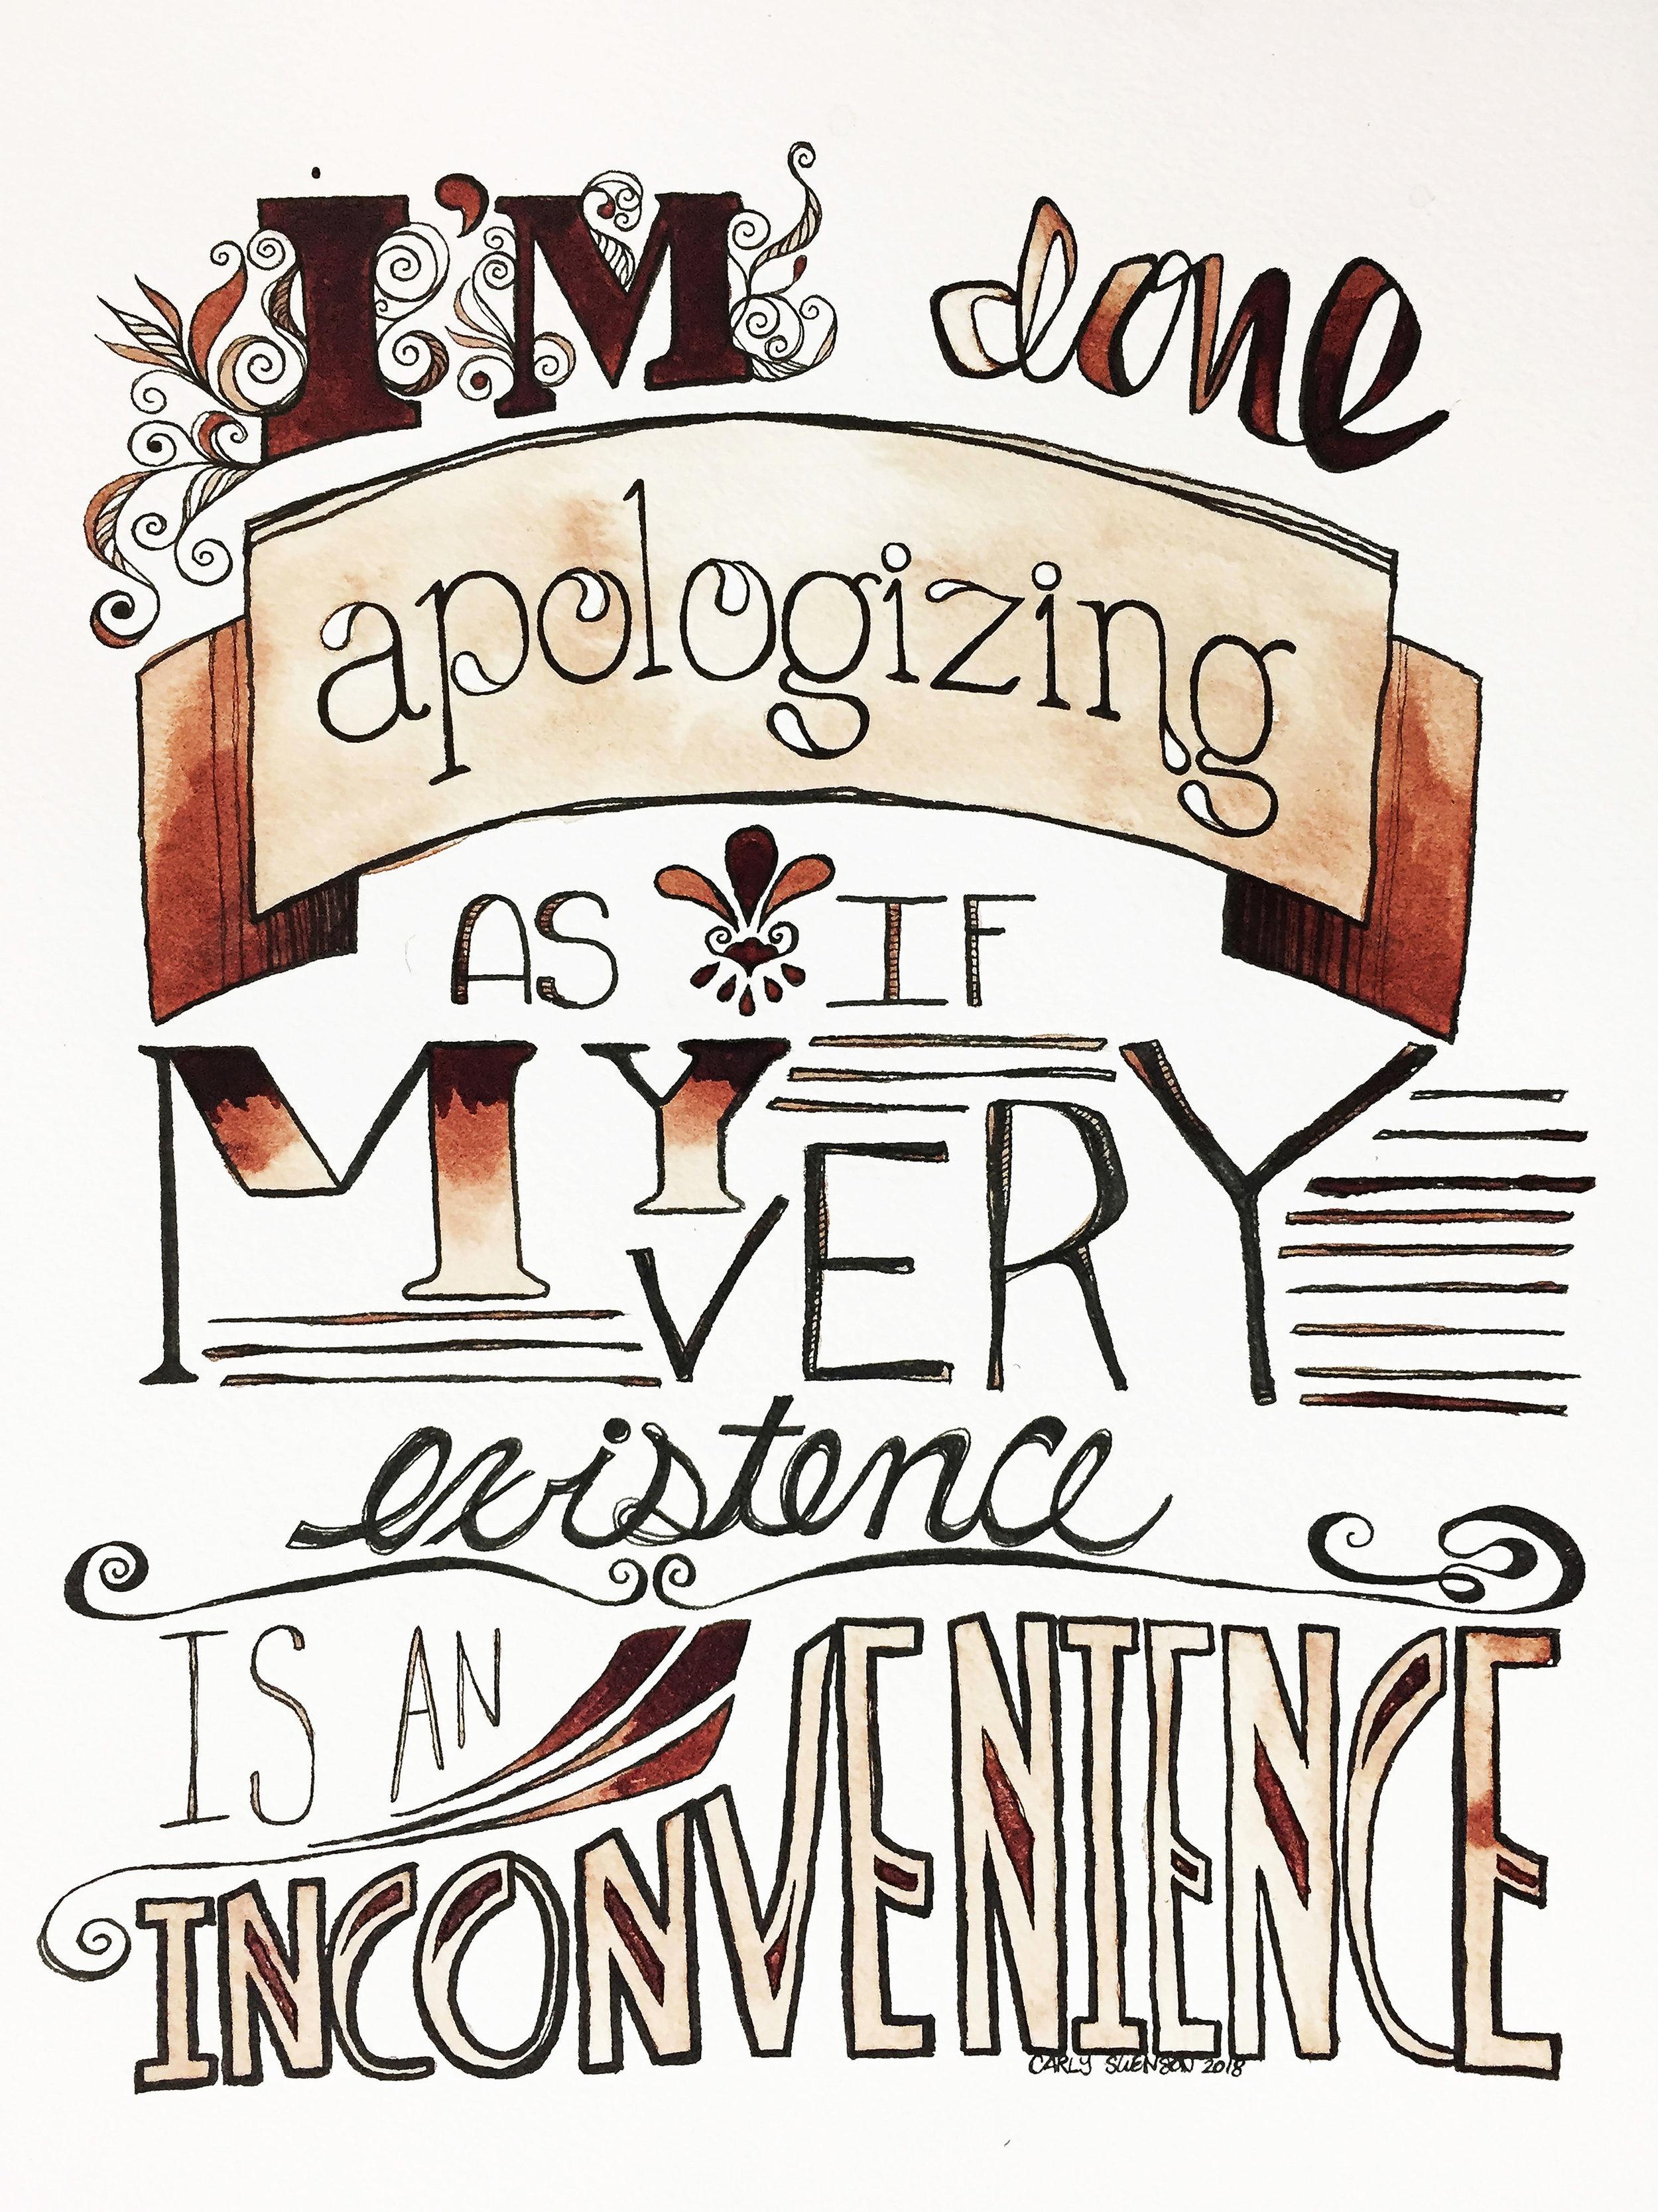 swenson_apologizing_hr.jpg